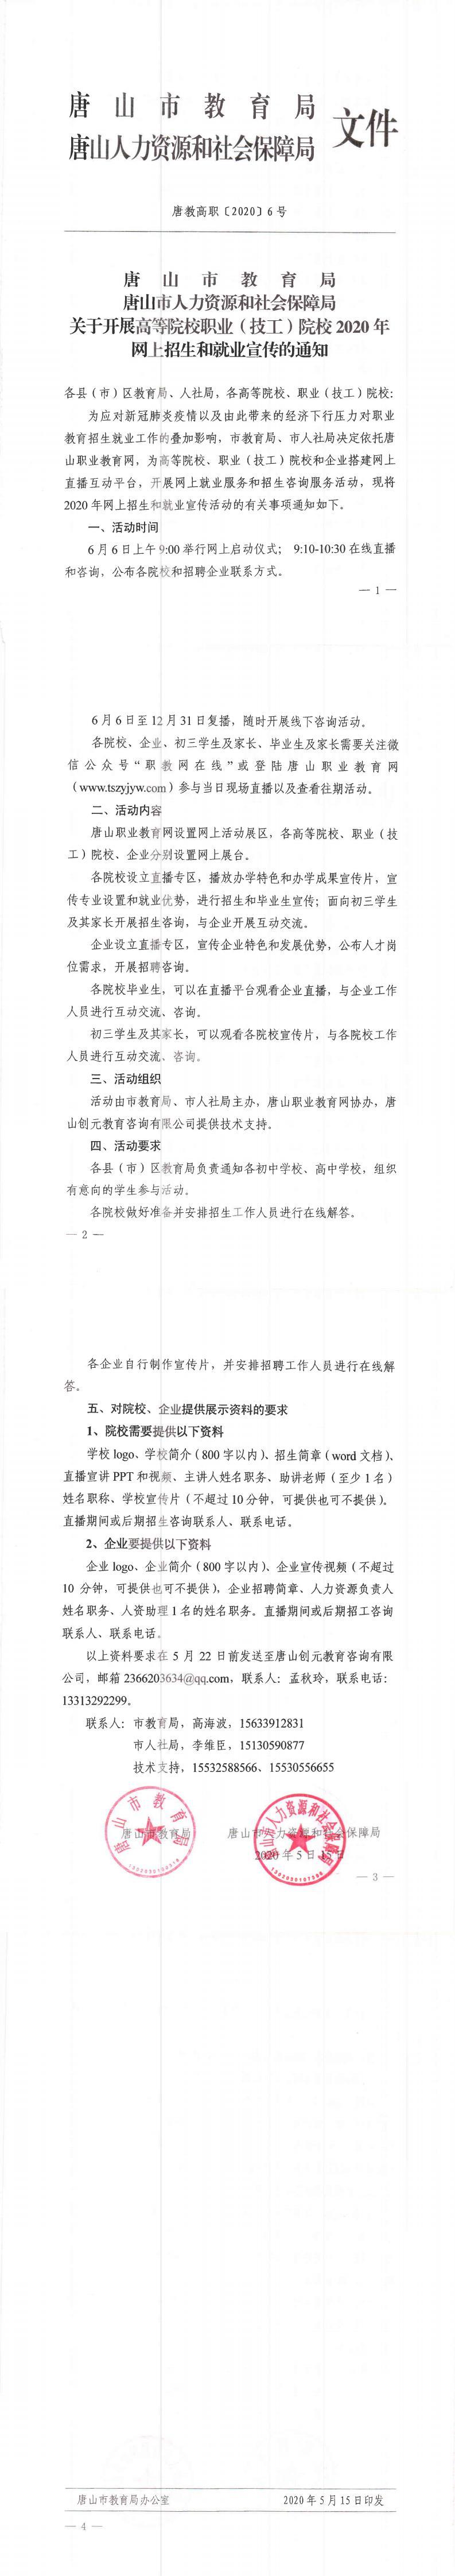 唐山市教育局唐山市人社局 关于开展网上招生和就业宣传的通知